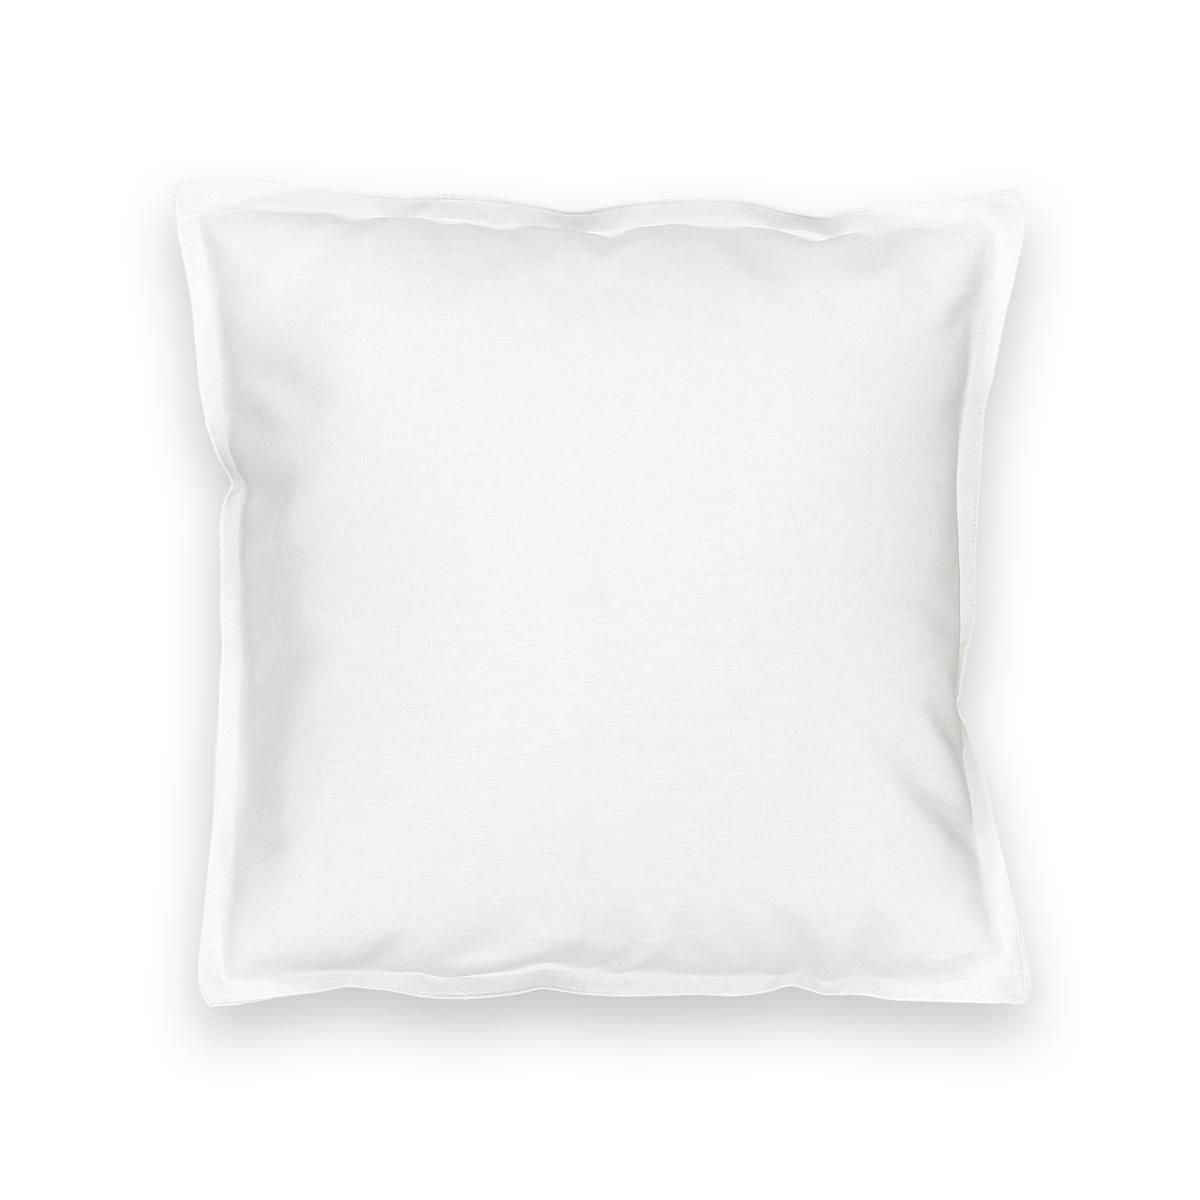 Чехол для подушки из льна и хлопка TA?MAОписаниеИскрящаяся красота смеси натуральных льна и хлопка. Чехол на подушку из смеси тканей Ta?ma - прекрасный аксессуар, чтобы подчеркнуть роскошь вашего интерьера . Характеристики чехла на подушку из льна и хлопка Ta?ma : •  Высокое качество уровня Qualit? BEST •  55% льна, 45% хлопка •  Застежка на невидимую молнию •  Отличная стойкость цветовРазмеры чехла на подушку Ta?ma: •  50 x 50 см •  60 x 40 смНайдите на сайте laredoute.ru подушку TERRA.Производство осуществляется с учетом стандартов по защите окружающей среды и здоровья человека, что подтверждено сертификатом Oeko-tex®..<br><br>Цвет: белый,бледный сине-зеленый,розовое дерево,светло-серо-коричневый,светло-серый,серо-бежевый,серо-синий,сливовый,темно-серый,экрю<br>Размер: 50 x 50  см.50 x 50  см